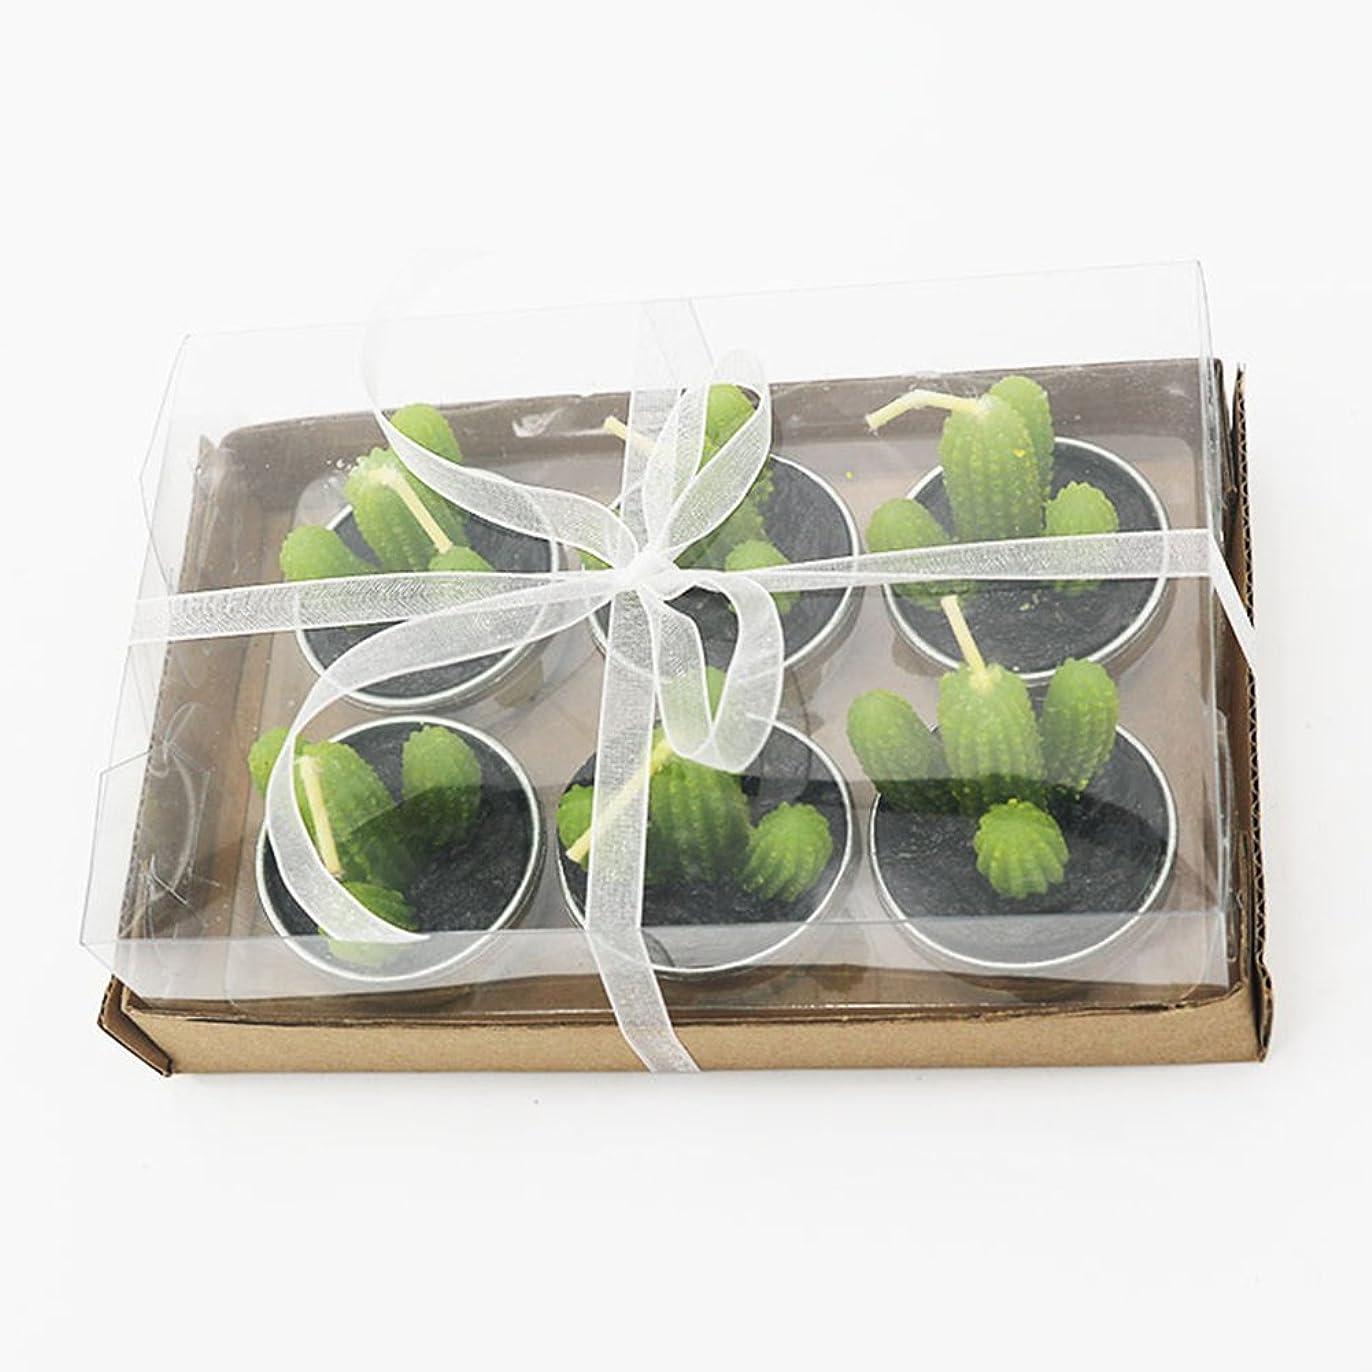 反対包囲羊のLiebeye キャンドル 多肉植物スモークフリーのクリエイティブなキャンドル100%自然のワックスかわいい模造植物フルーツの形状低温キャンドル 6個/箱 カクタス?ボックス